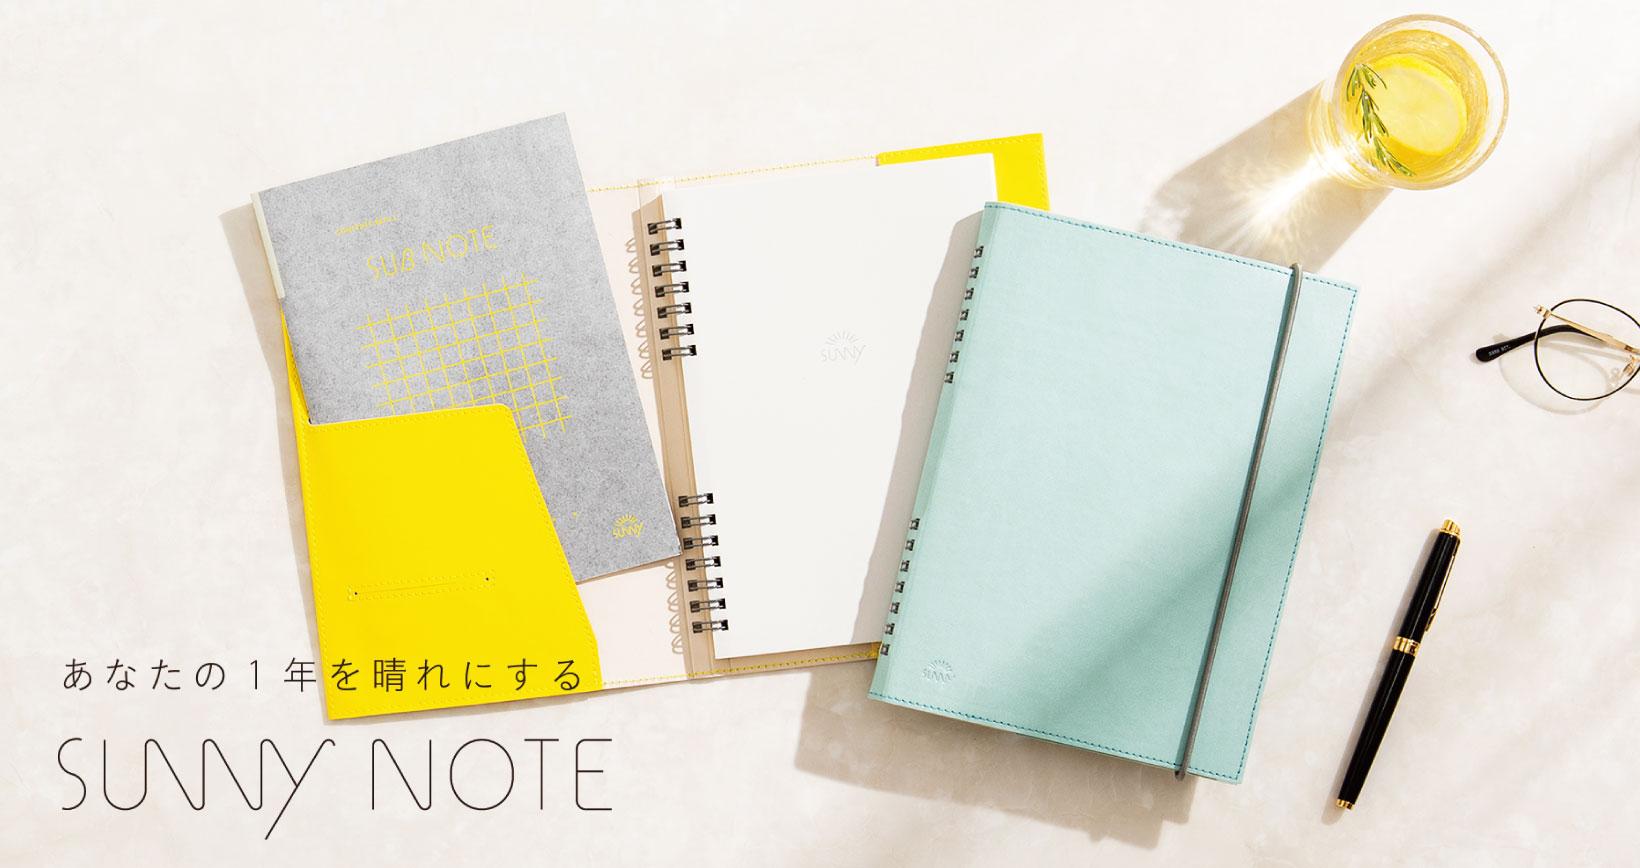 sunny note